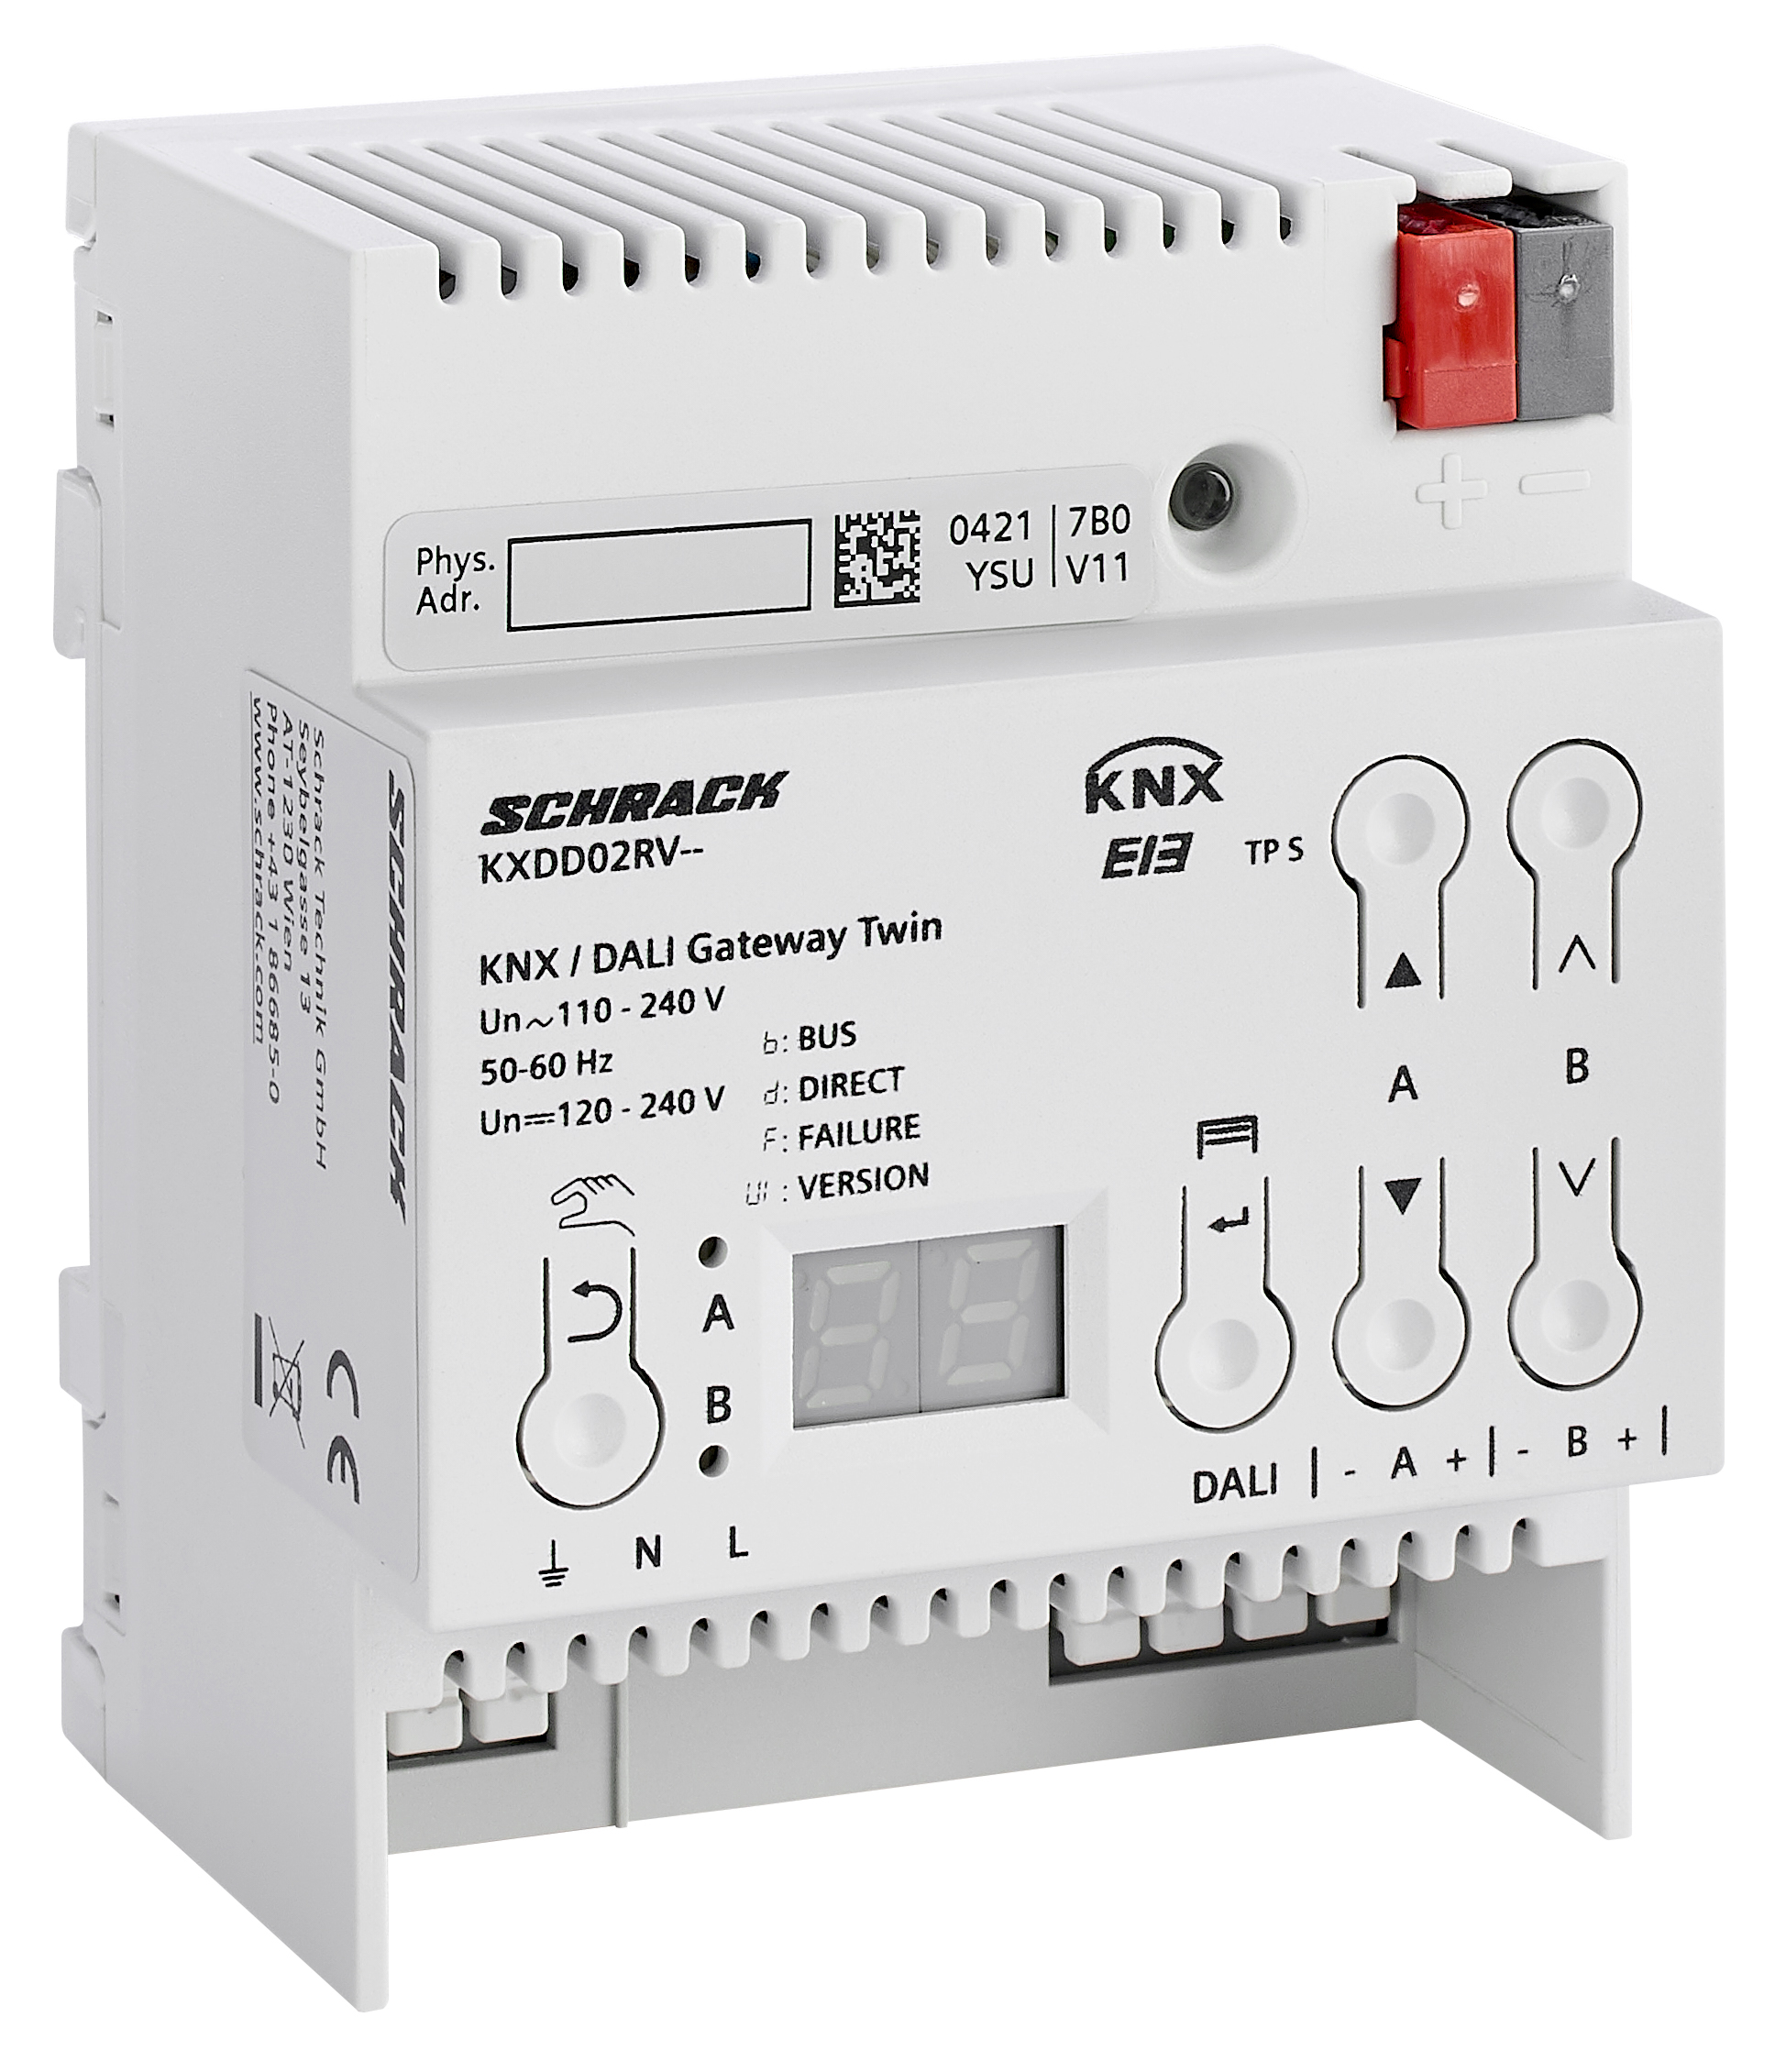 1 Stk KNX/DALI Twin Gateway, für max. 2 x 64 DALI-EVGs KXDD02RV--